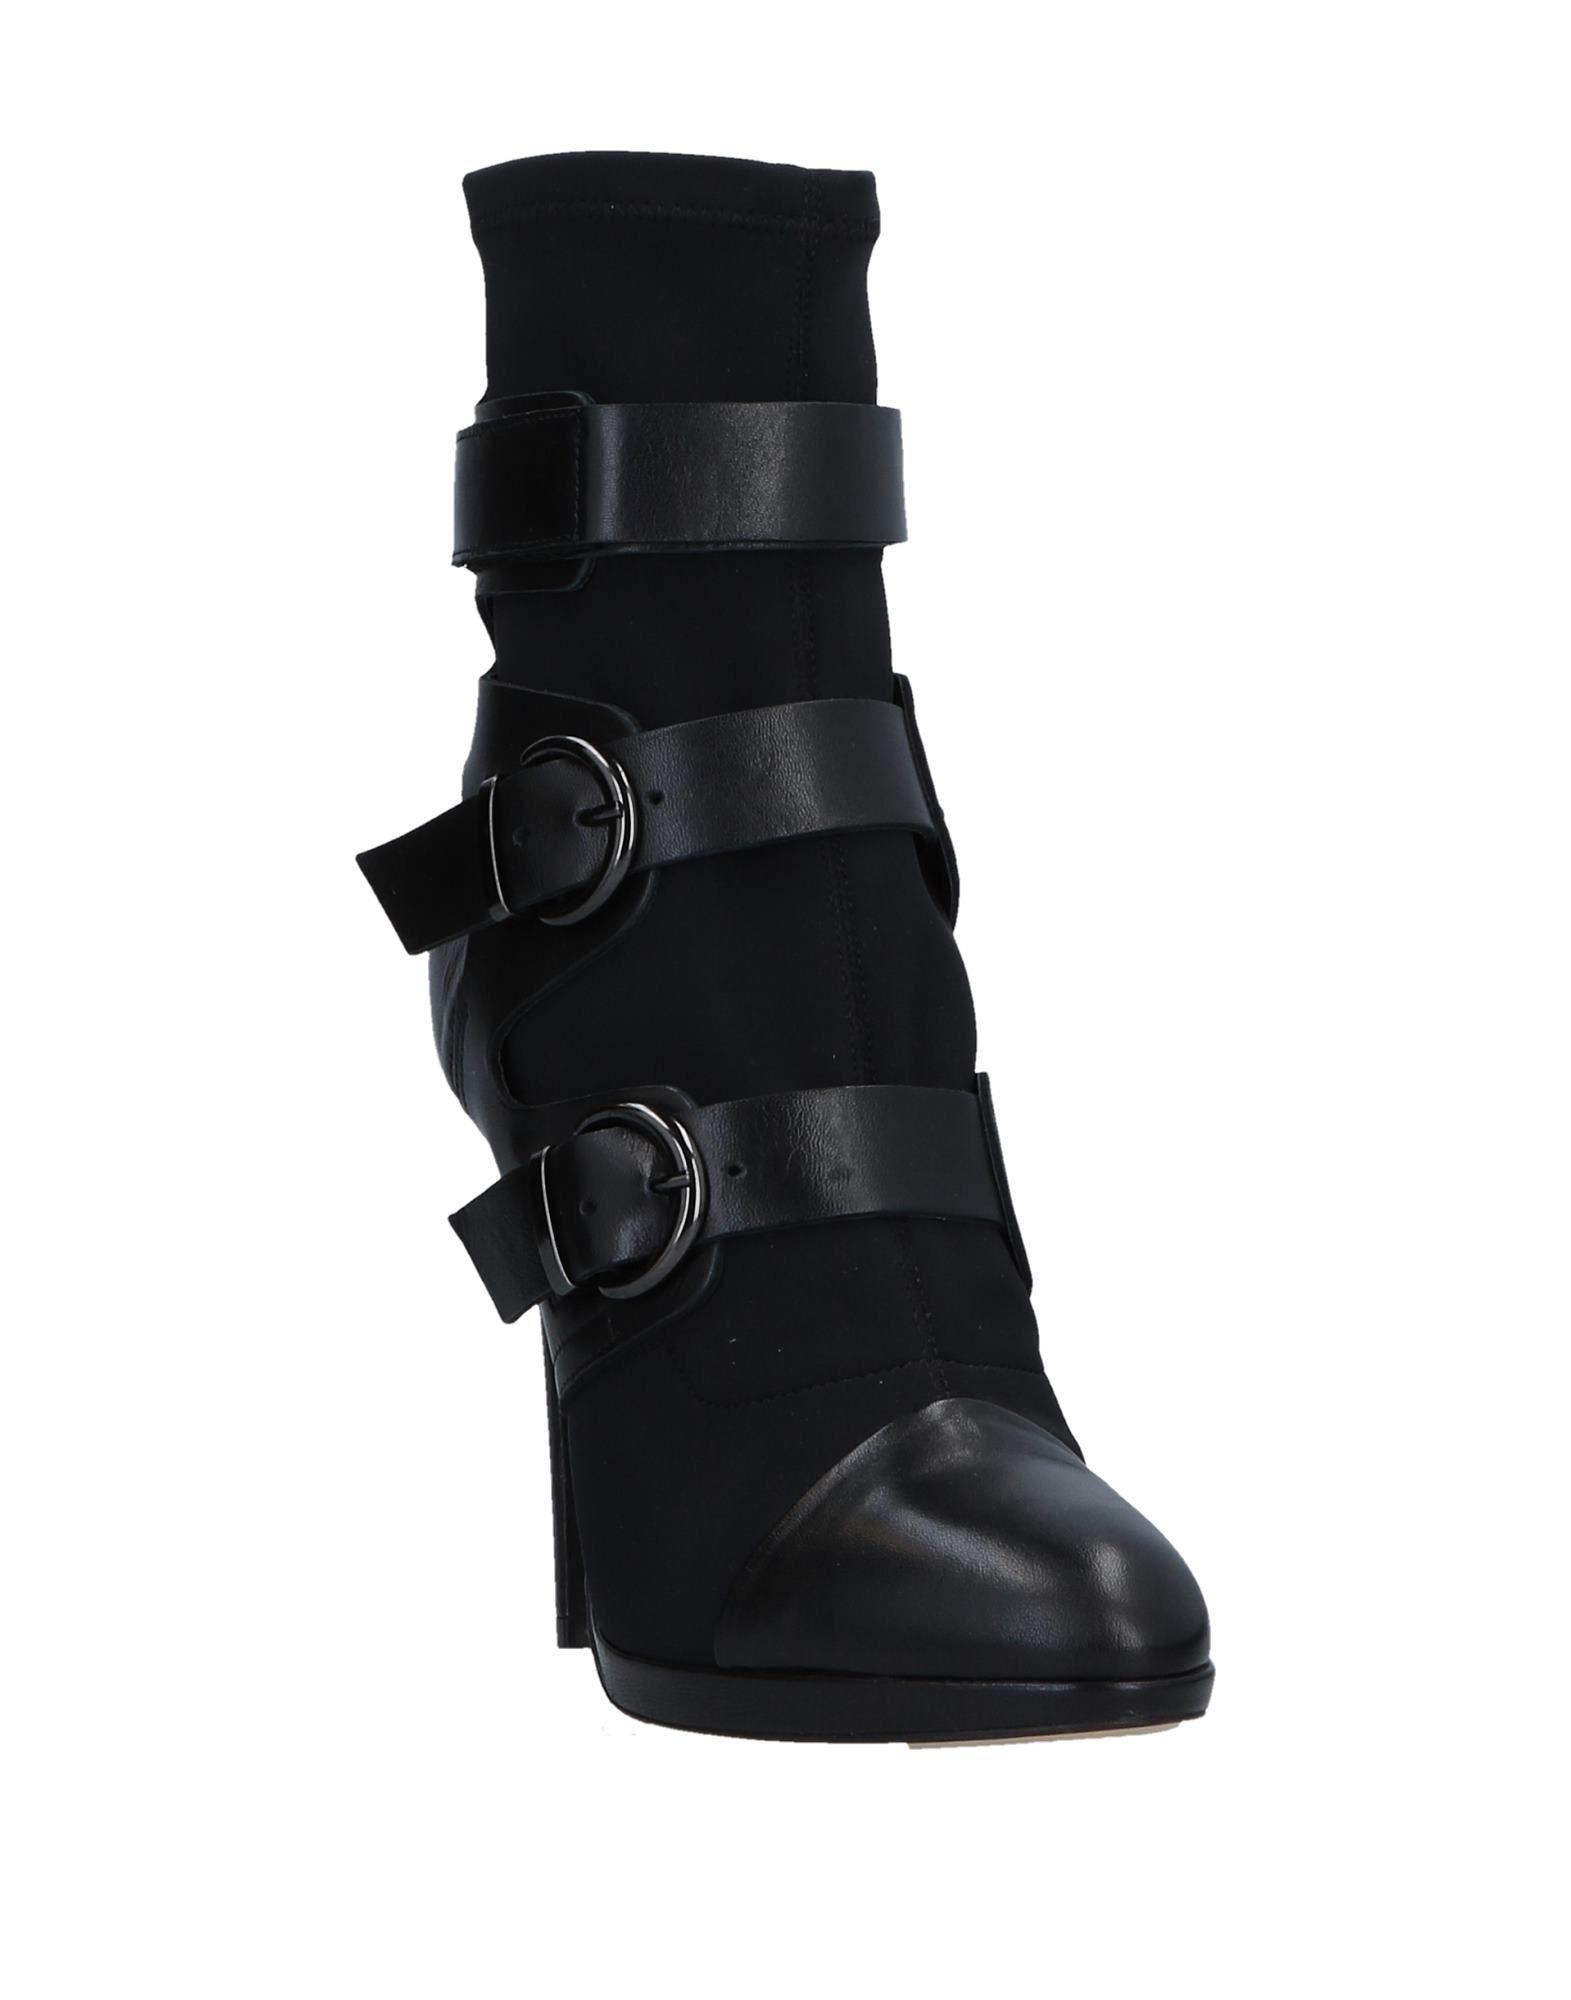 Stilvolle billige Stiefelette Schuhe Pinko Stiefelette billige Damen  11531156CP 8bd4c9